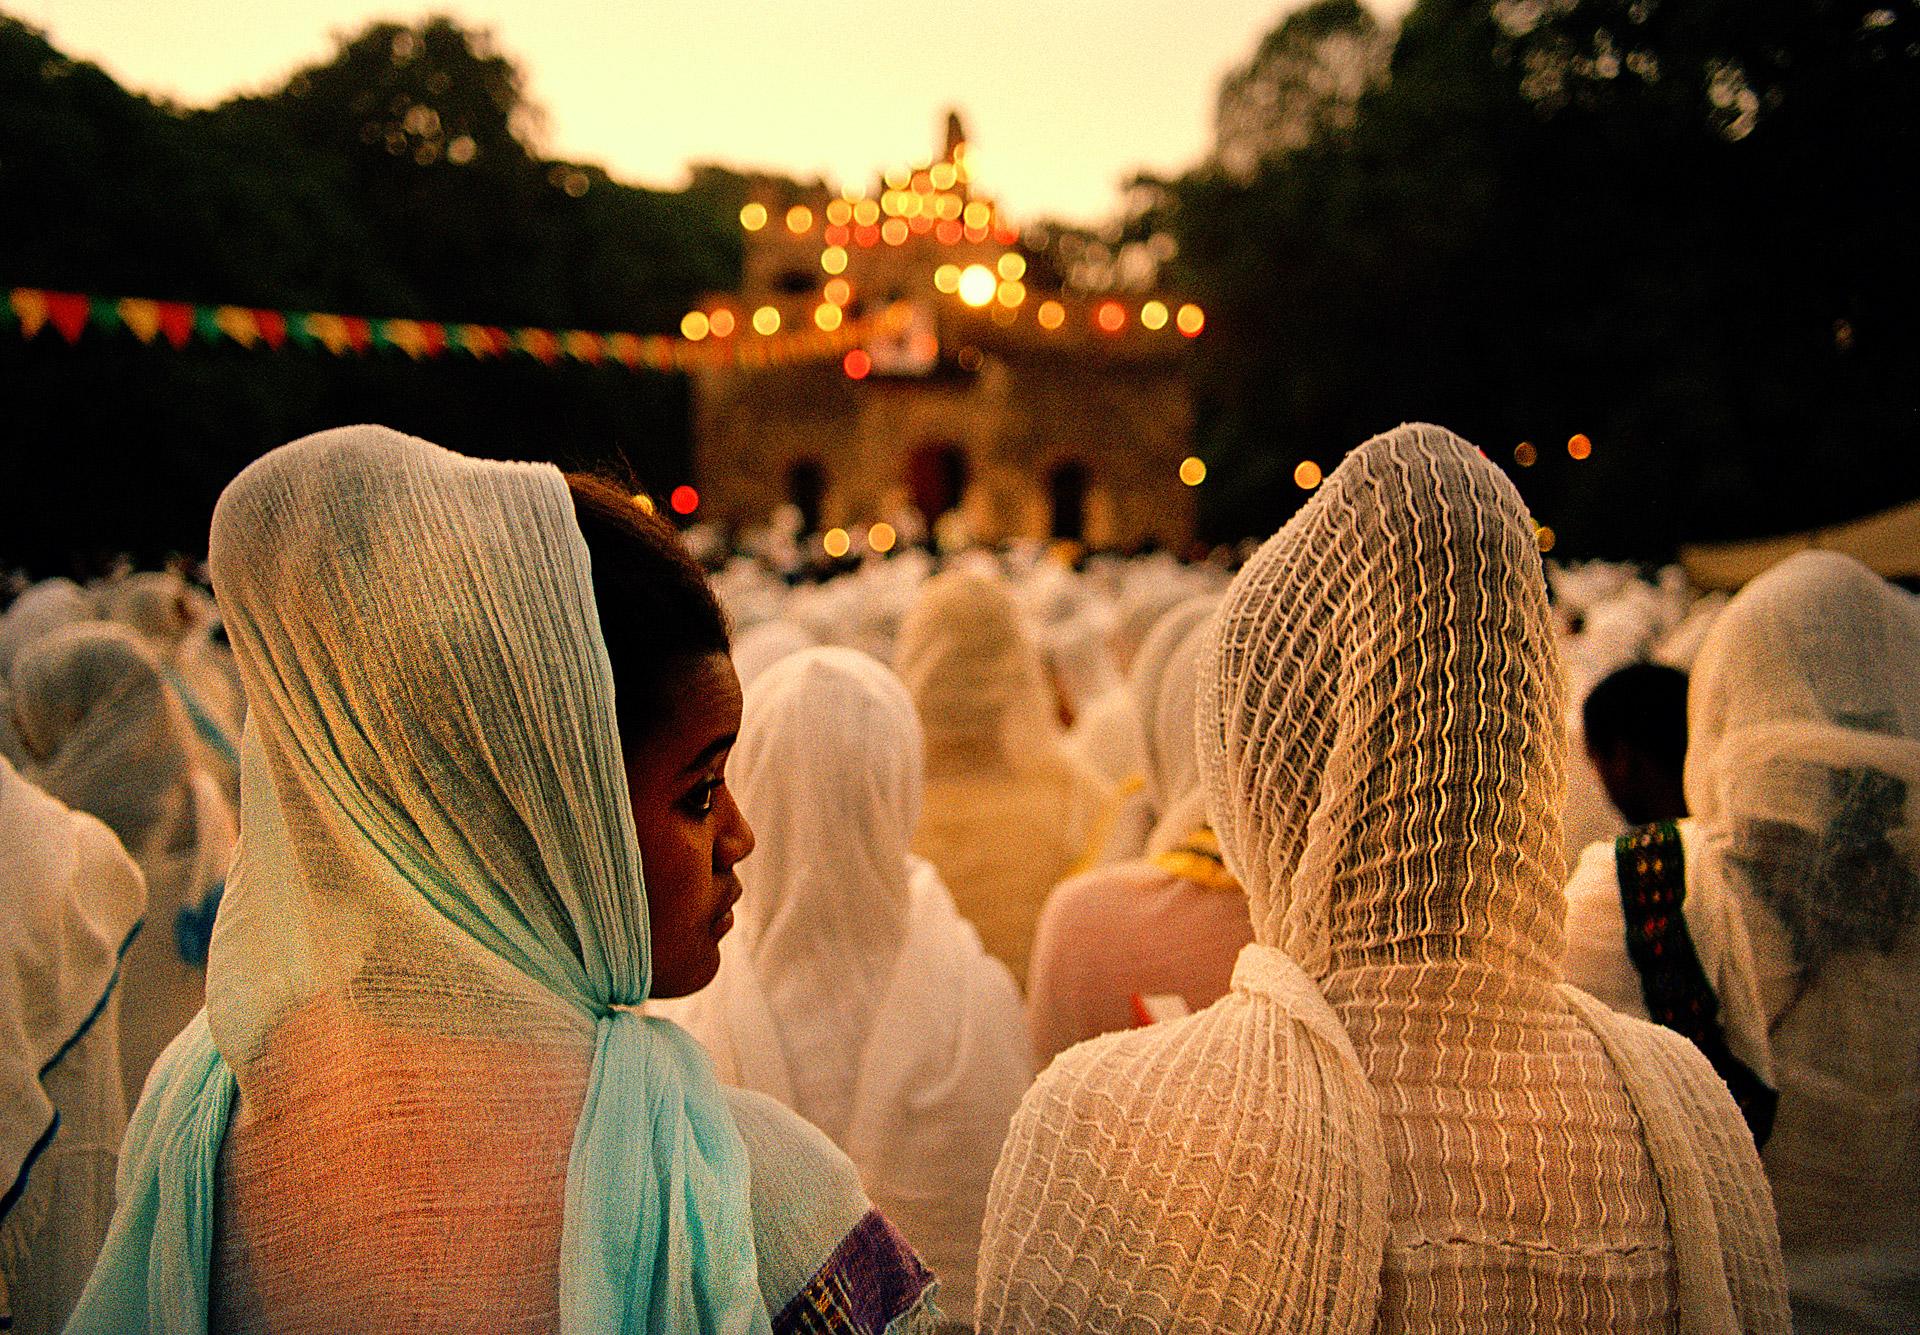 Timkat religious Festival in Gondar Ethiopia